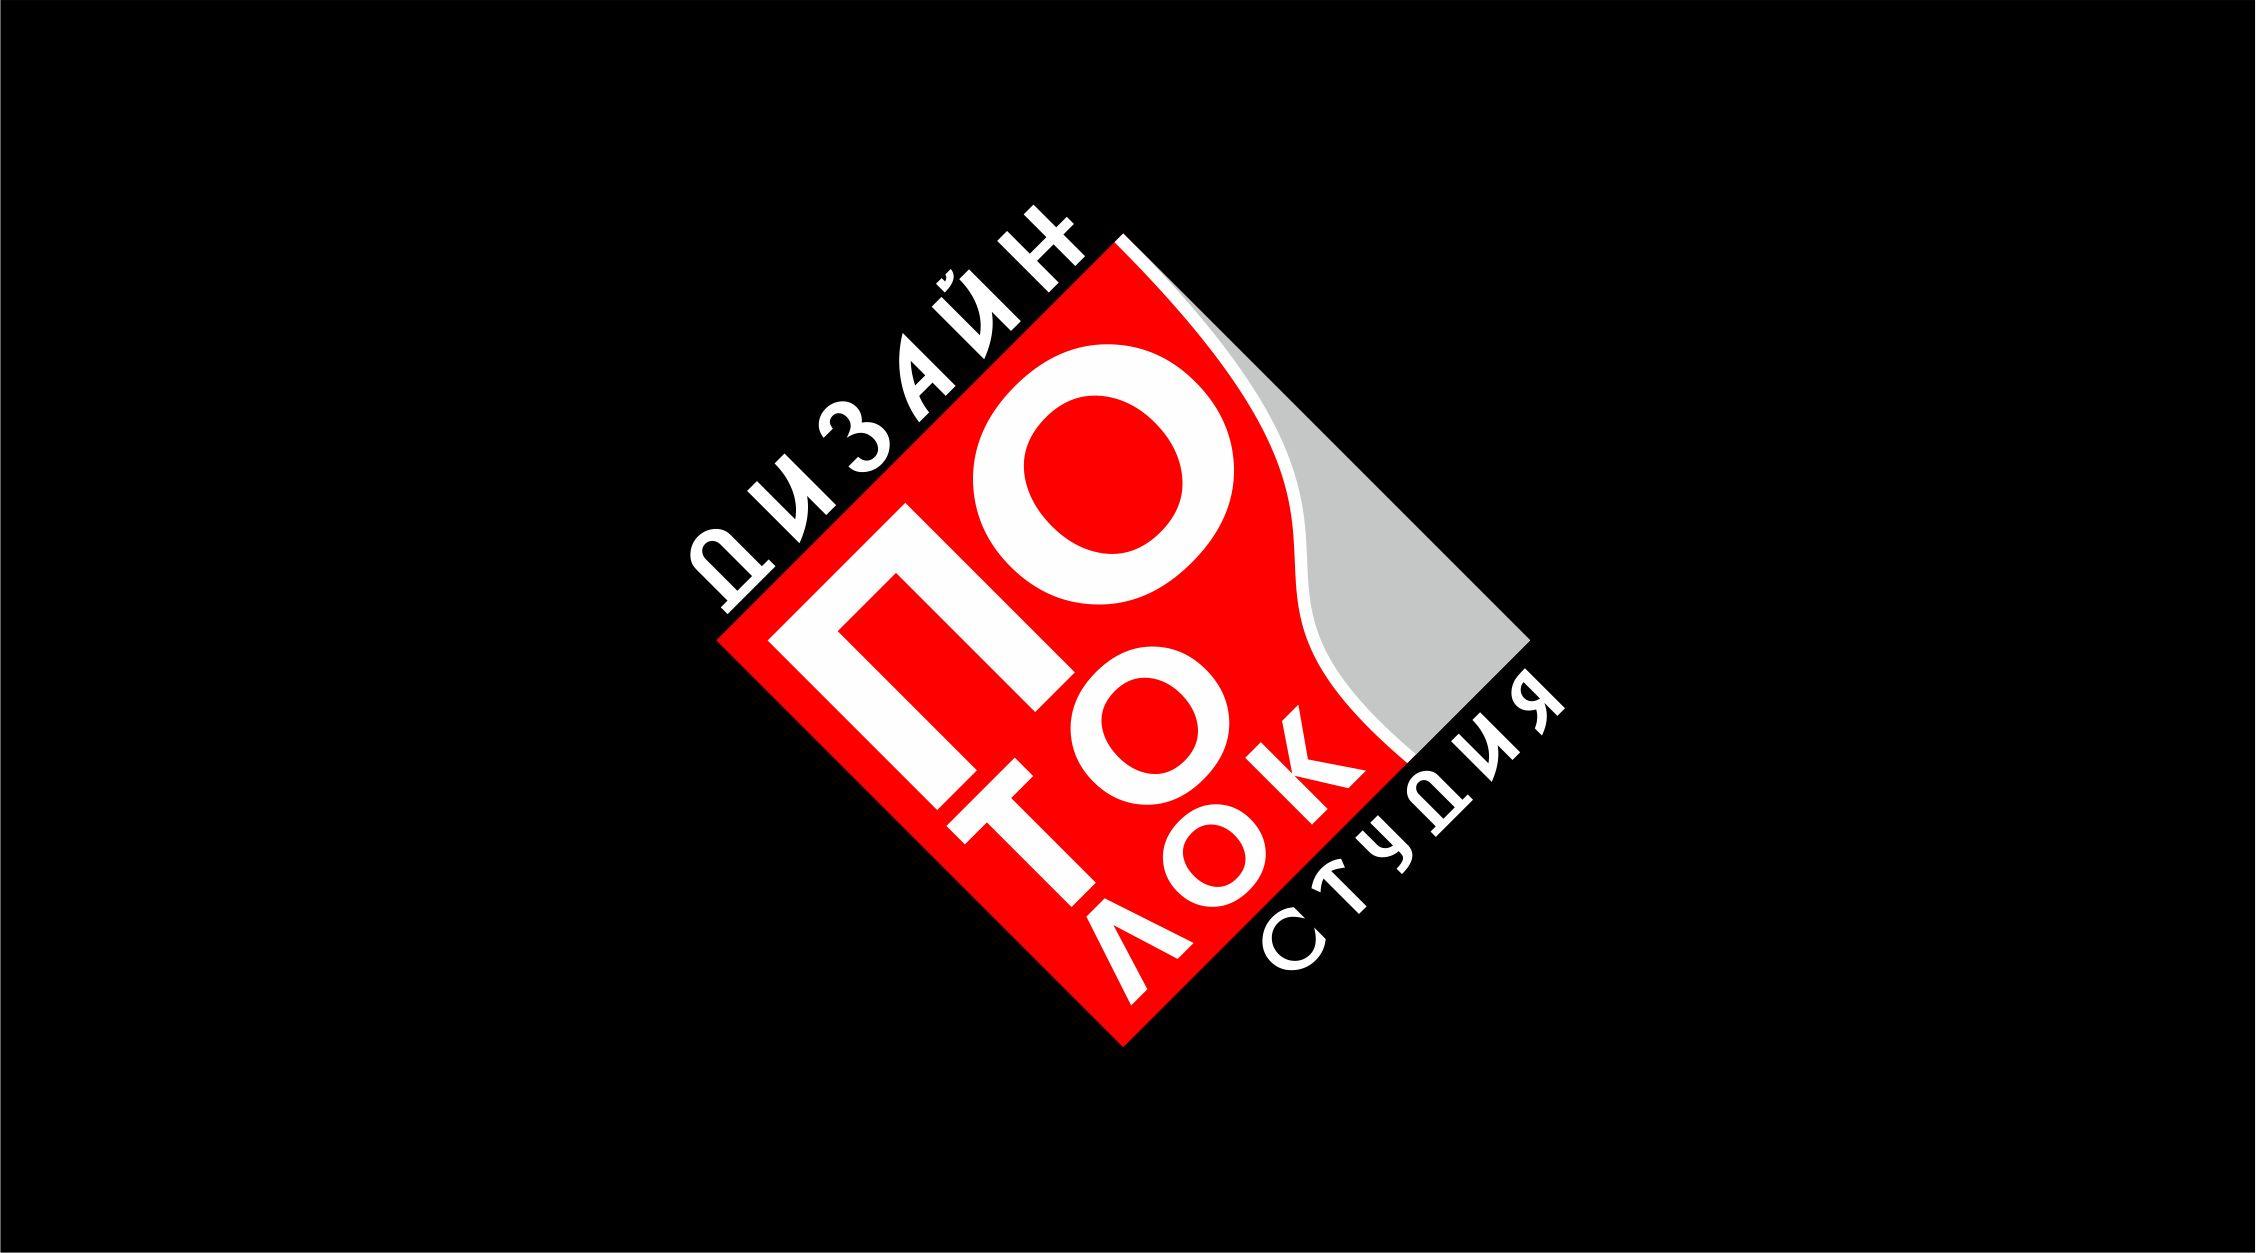 potolok logo